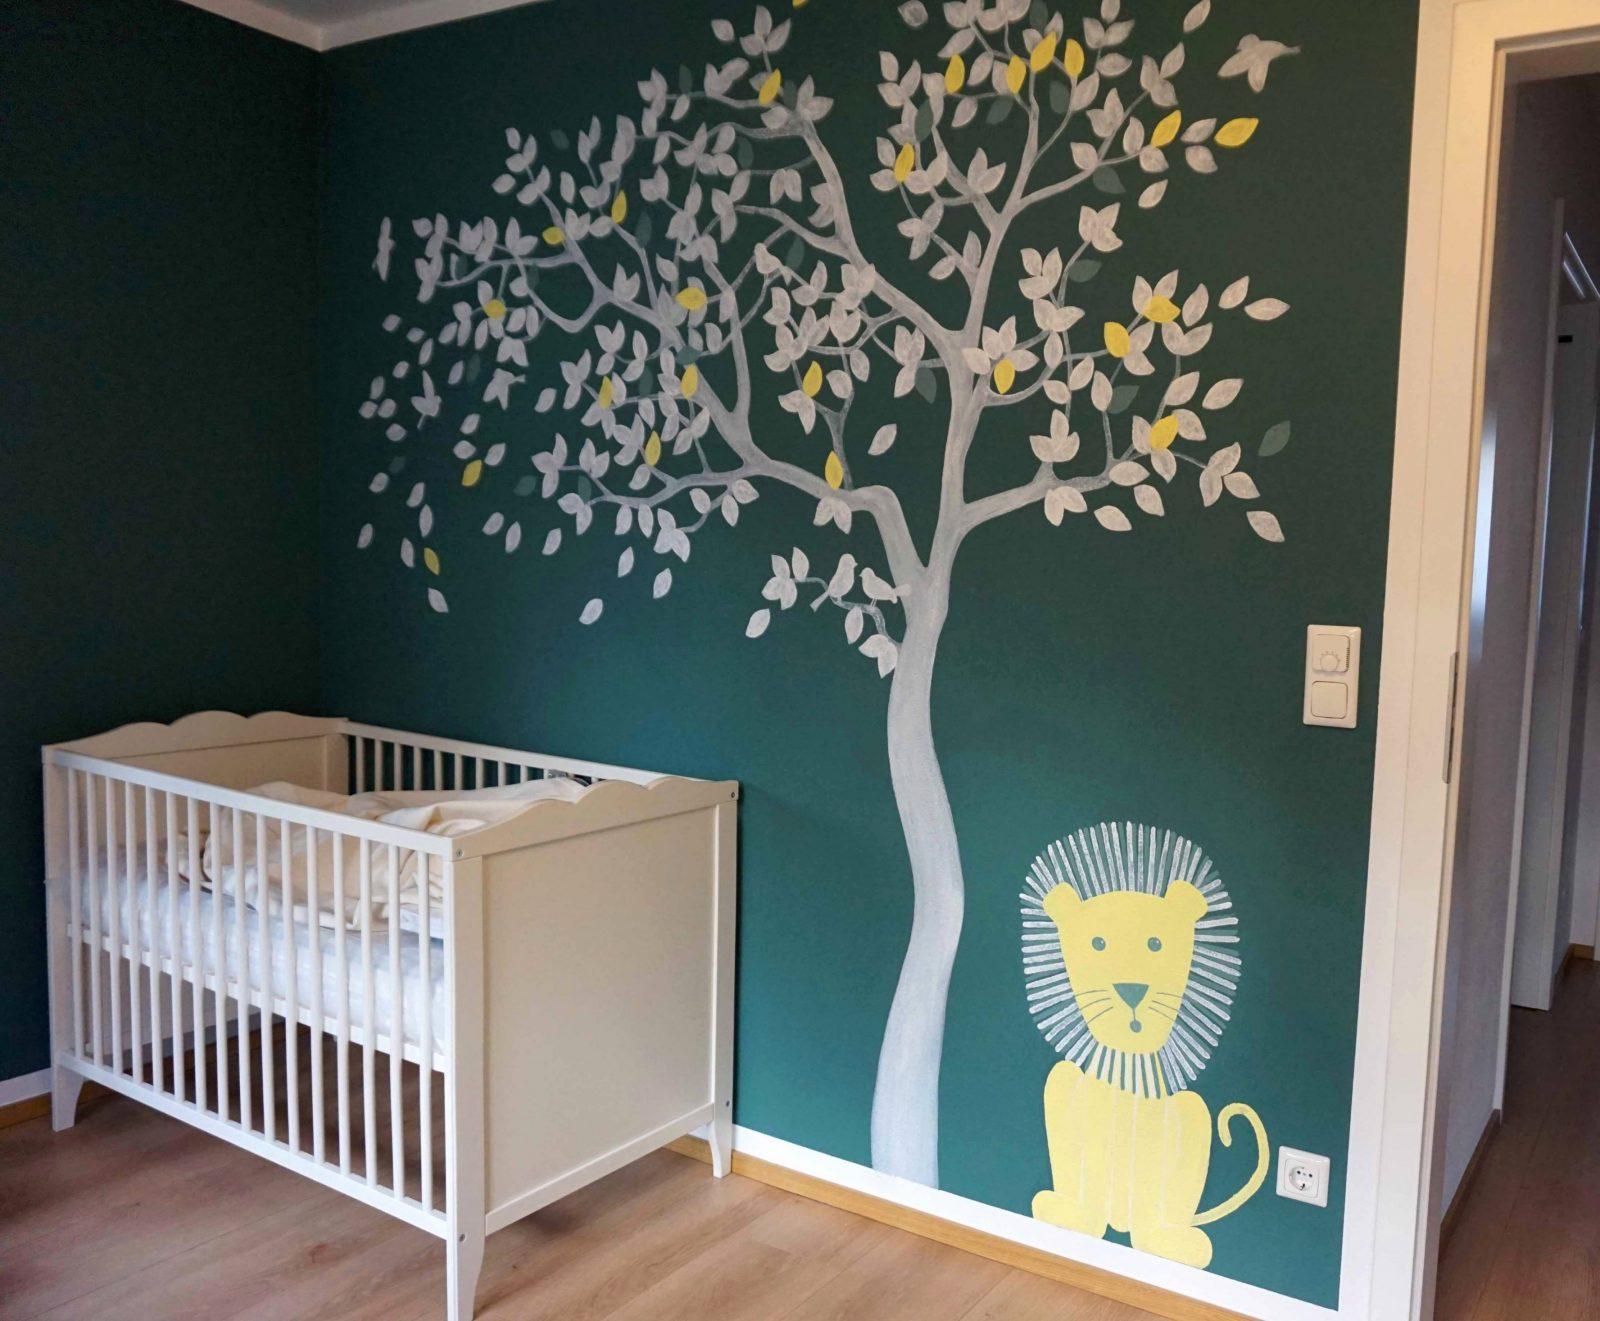 Diy Kinderzimmer Deko — Temobardz Hg von Babyzimmer Deko Blau Bild